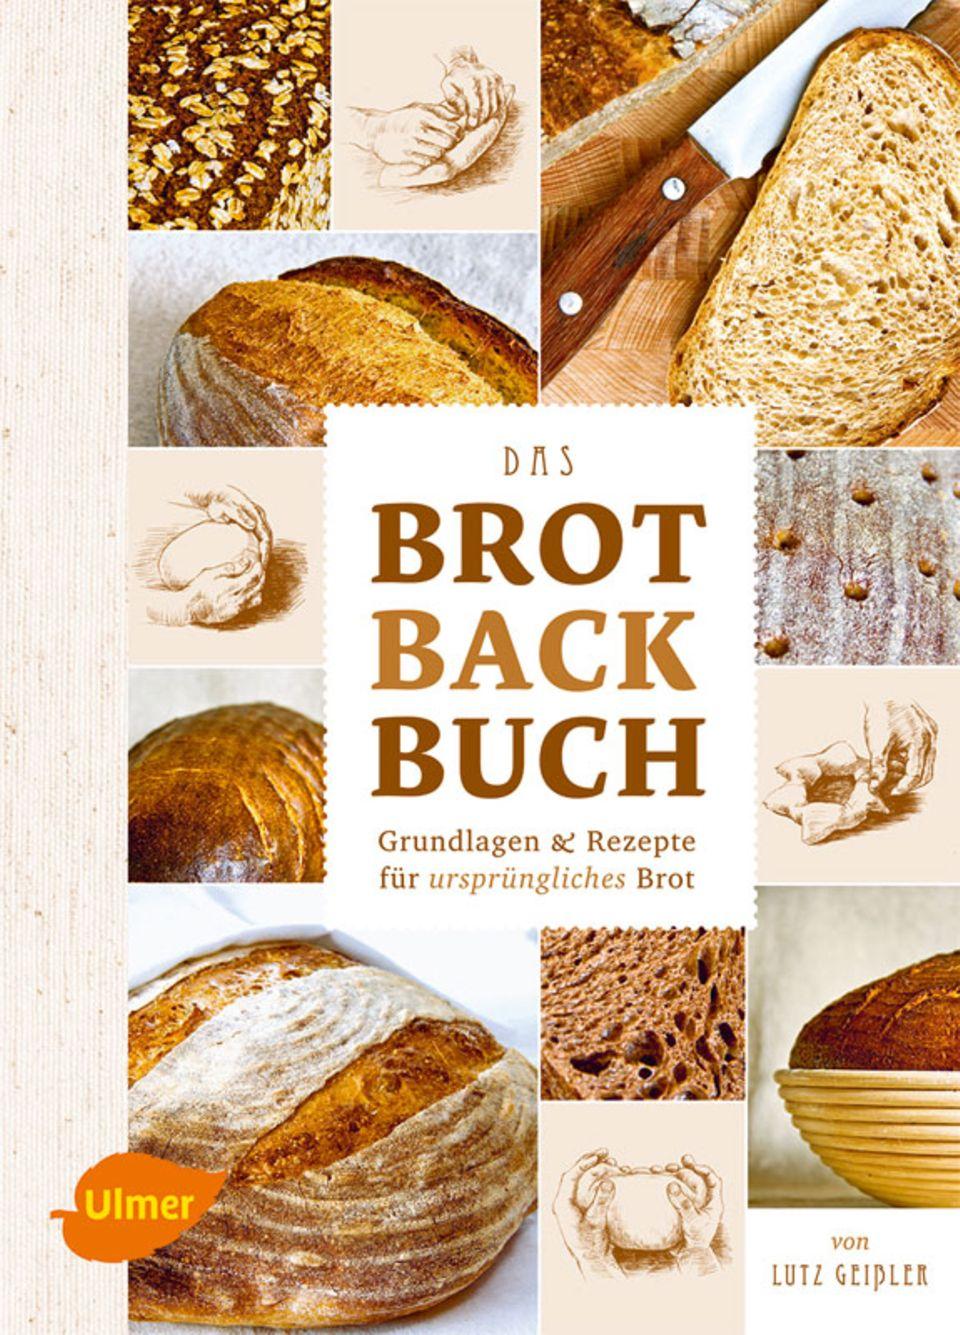 Das Brotbackbuch - Grundlagen & Rezepte für ursprüngliches Brot